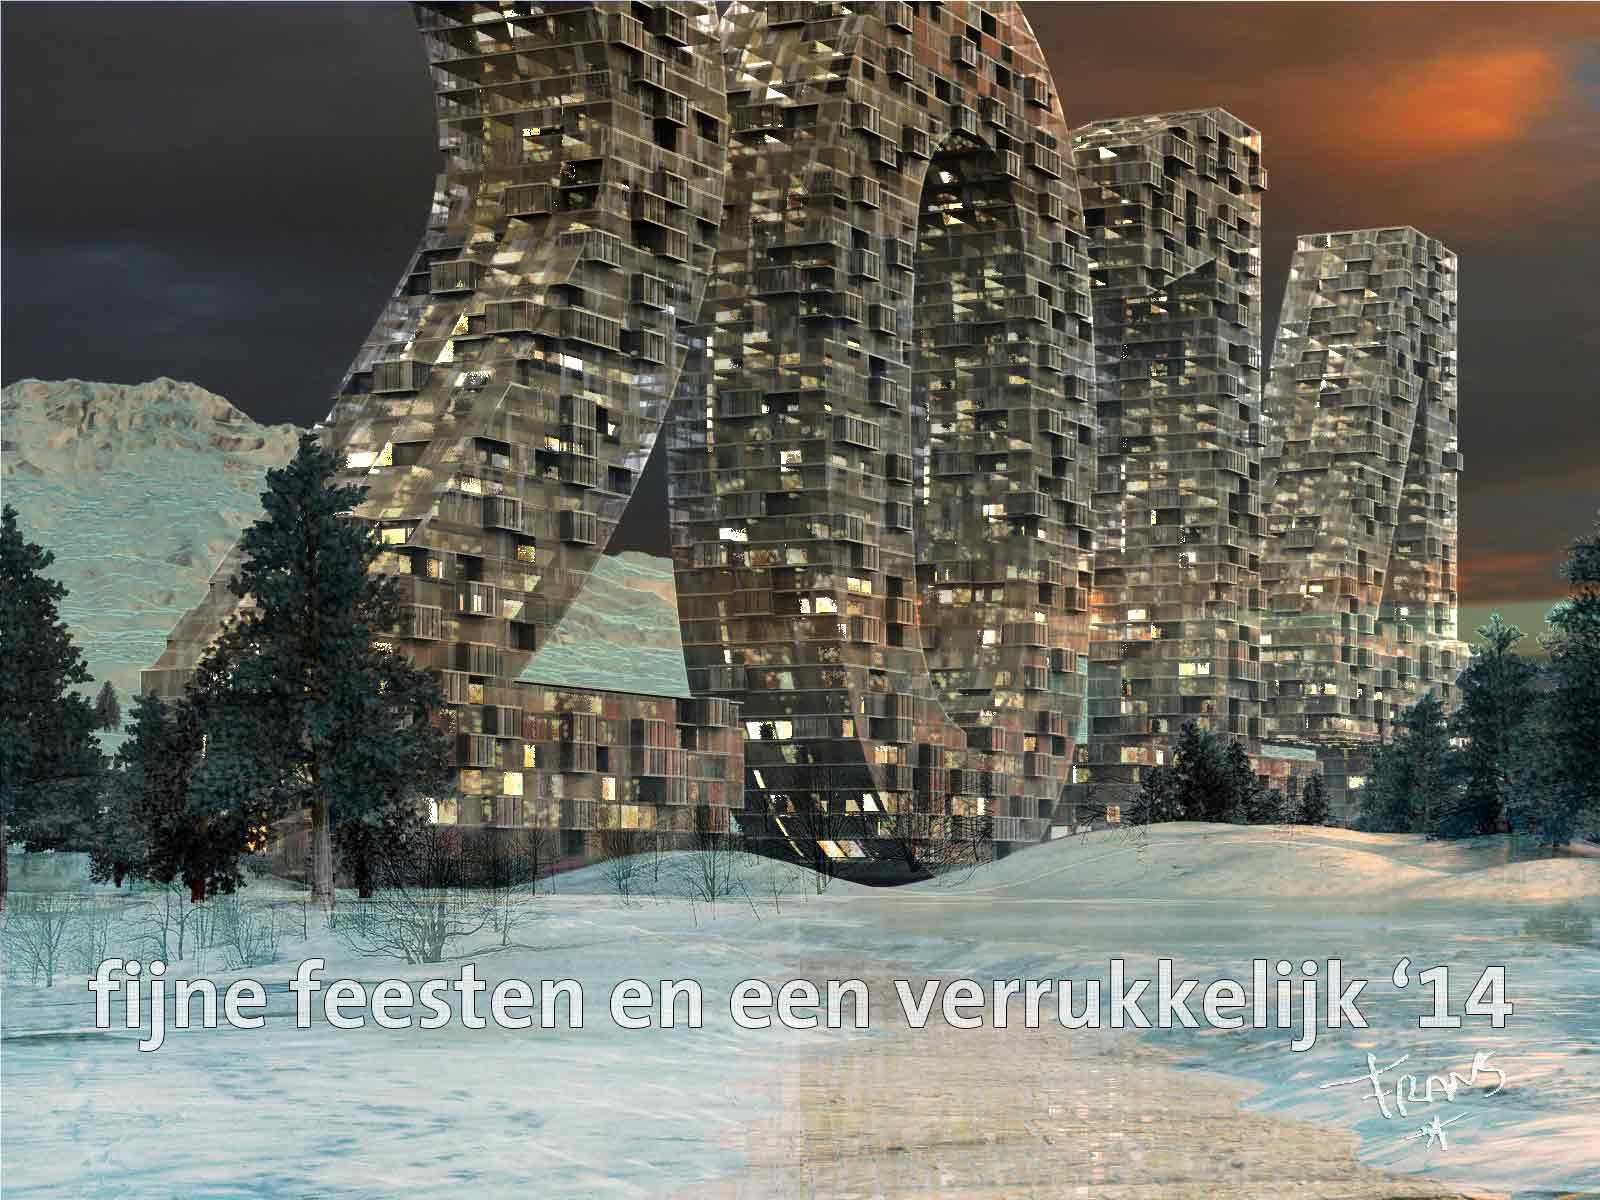 Furutistische kerstkaart met torens in de vorm van het jaartal 2014 in een besneeuwd landschap